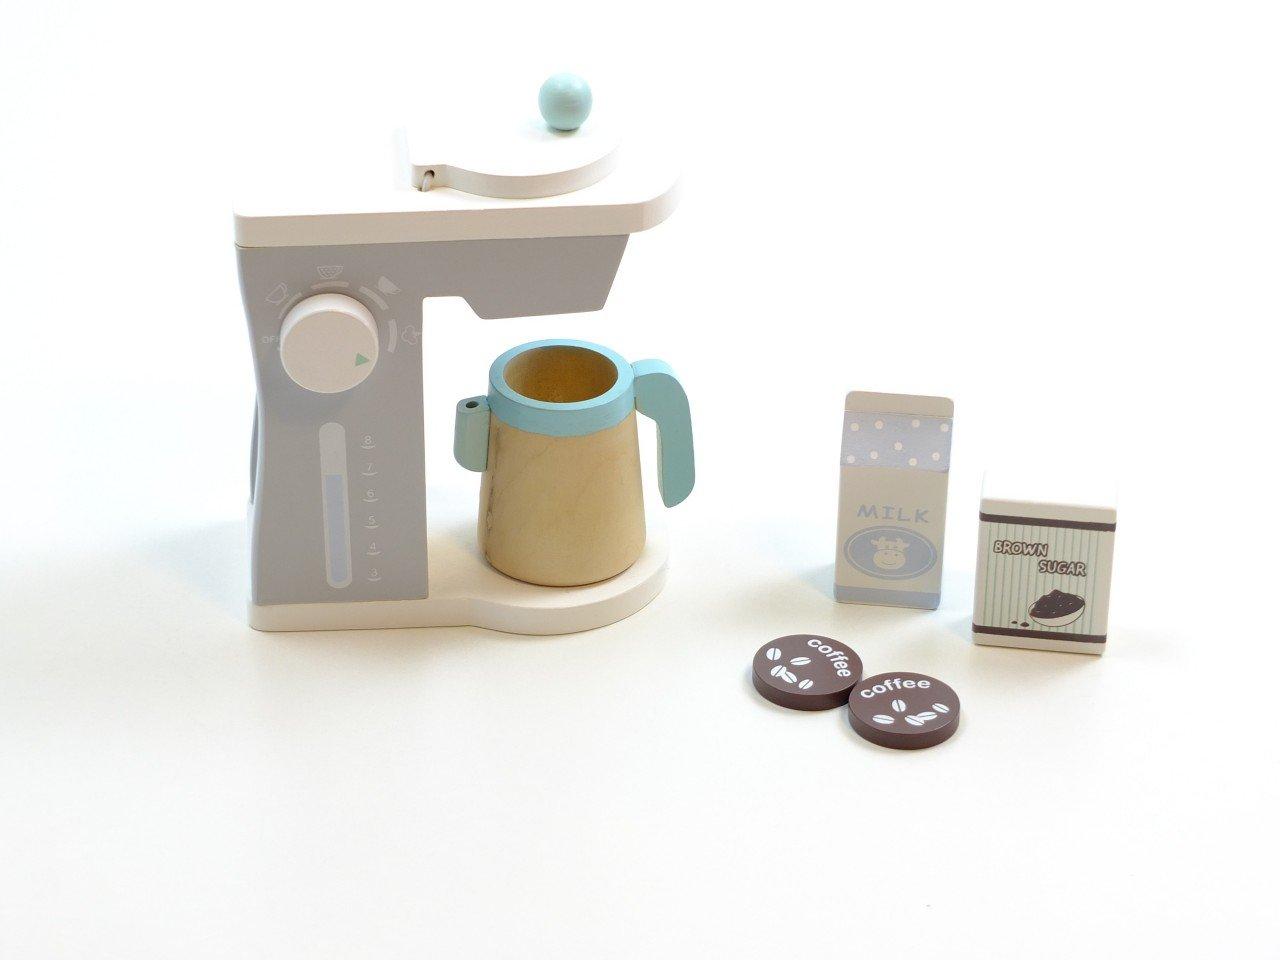 Atemberaubend Junge Kücheset Bilder - Küchen Ideen Modern ...